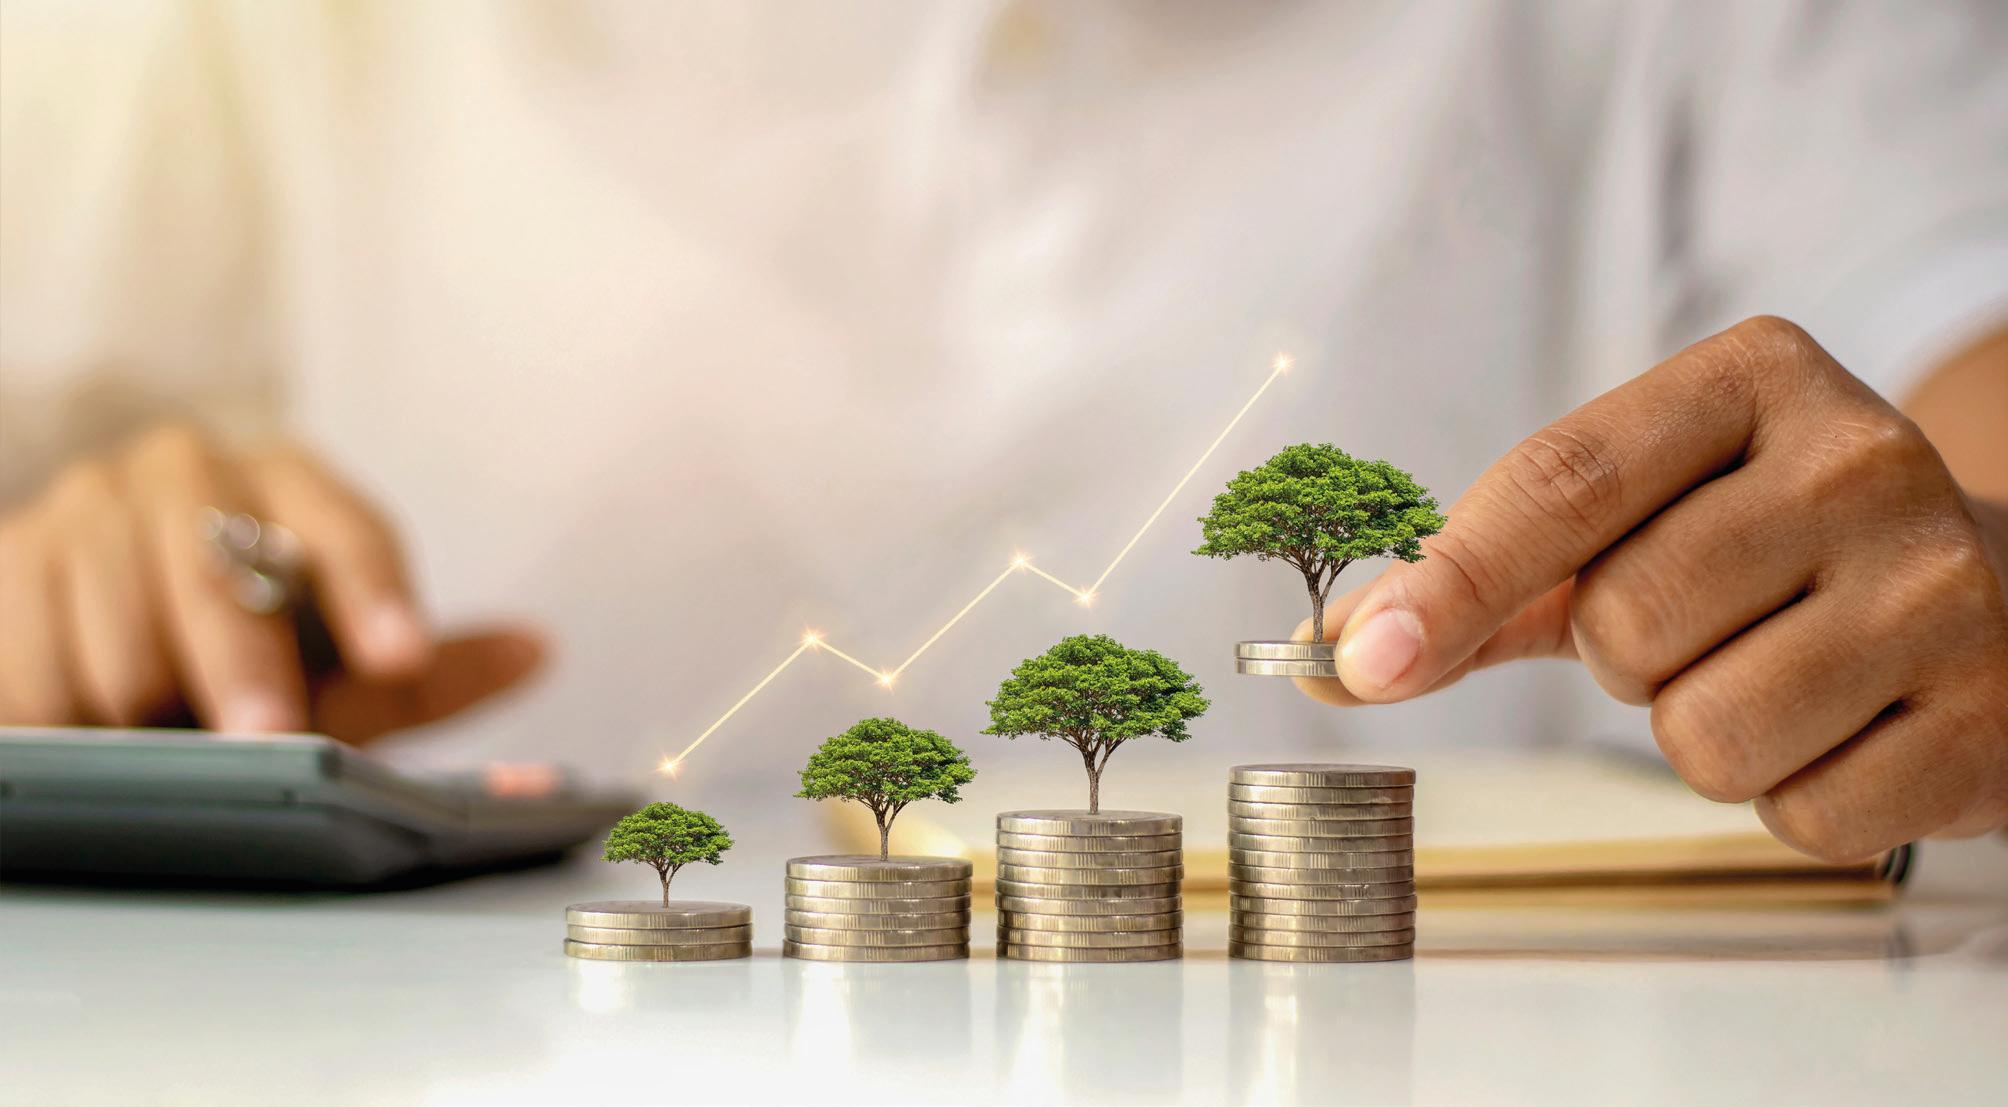 Ceny akcií na maximách. Má zmysel začať investovať?